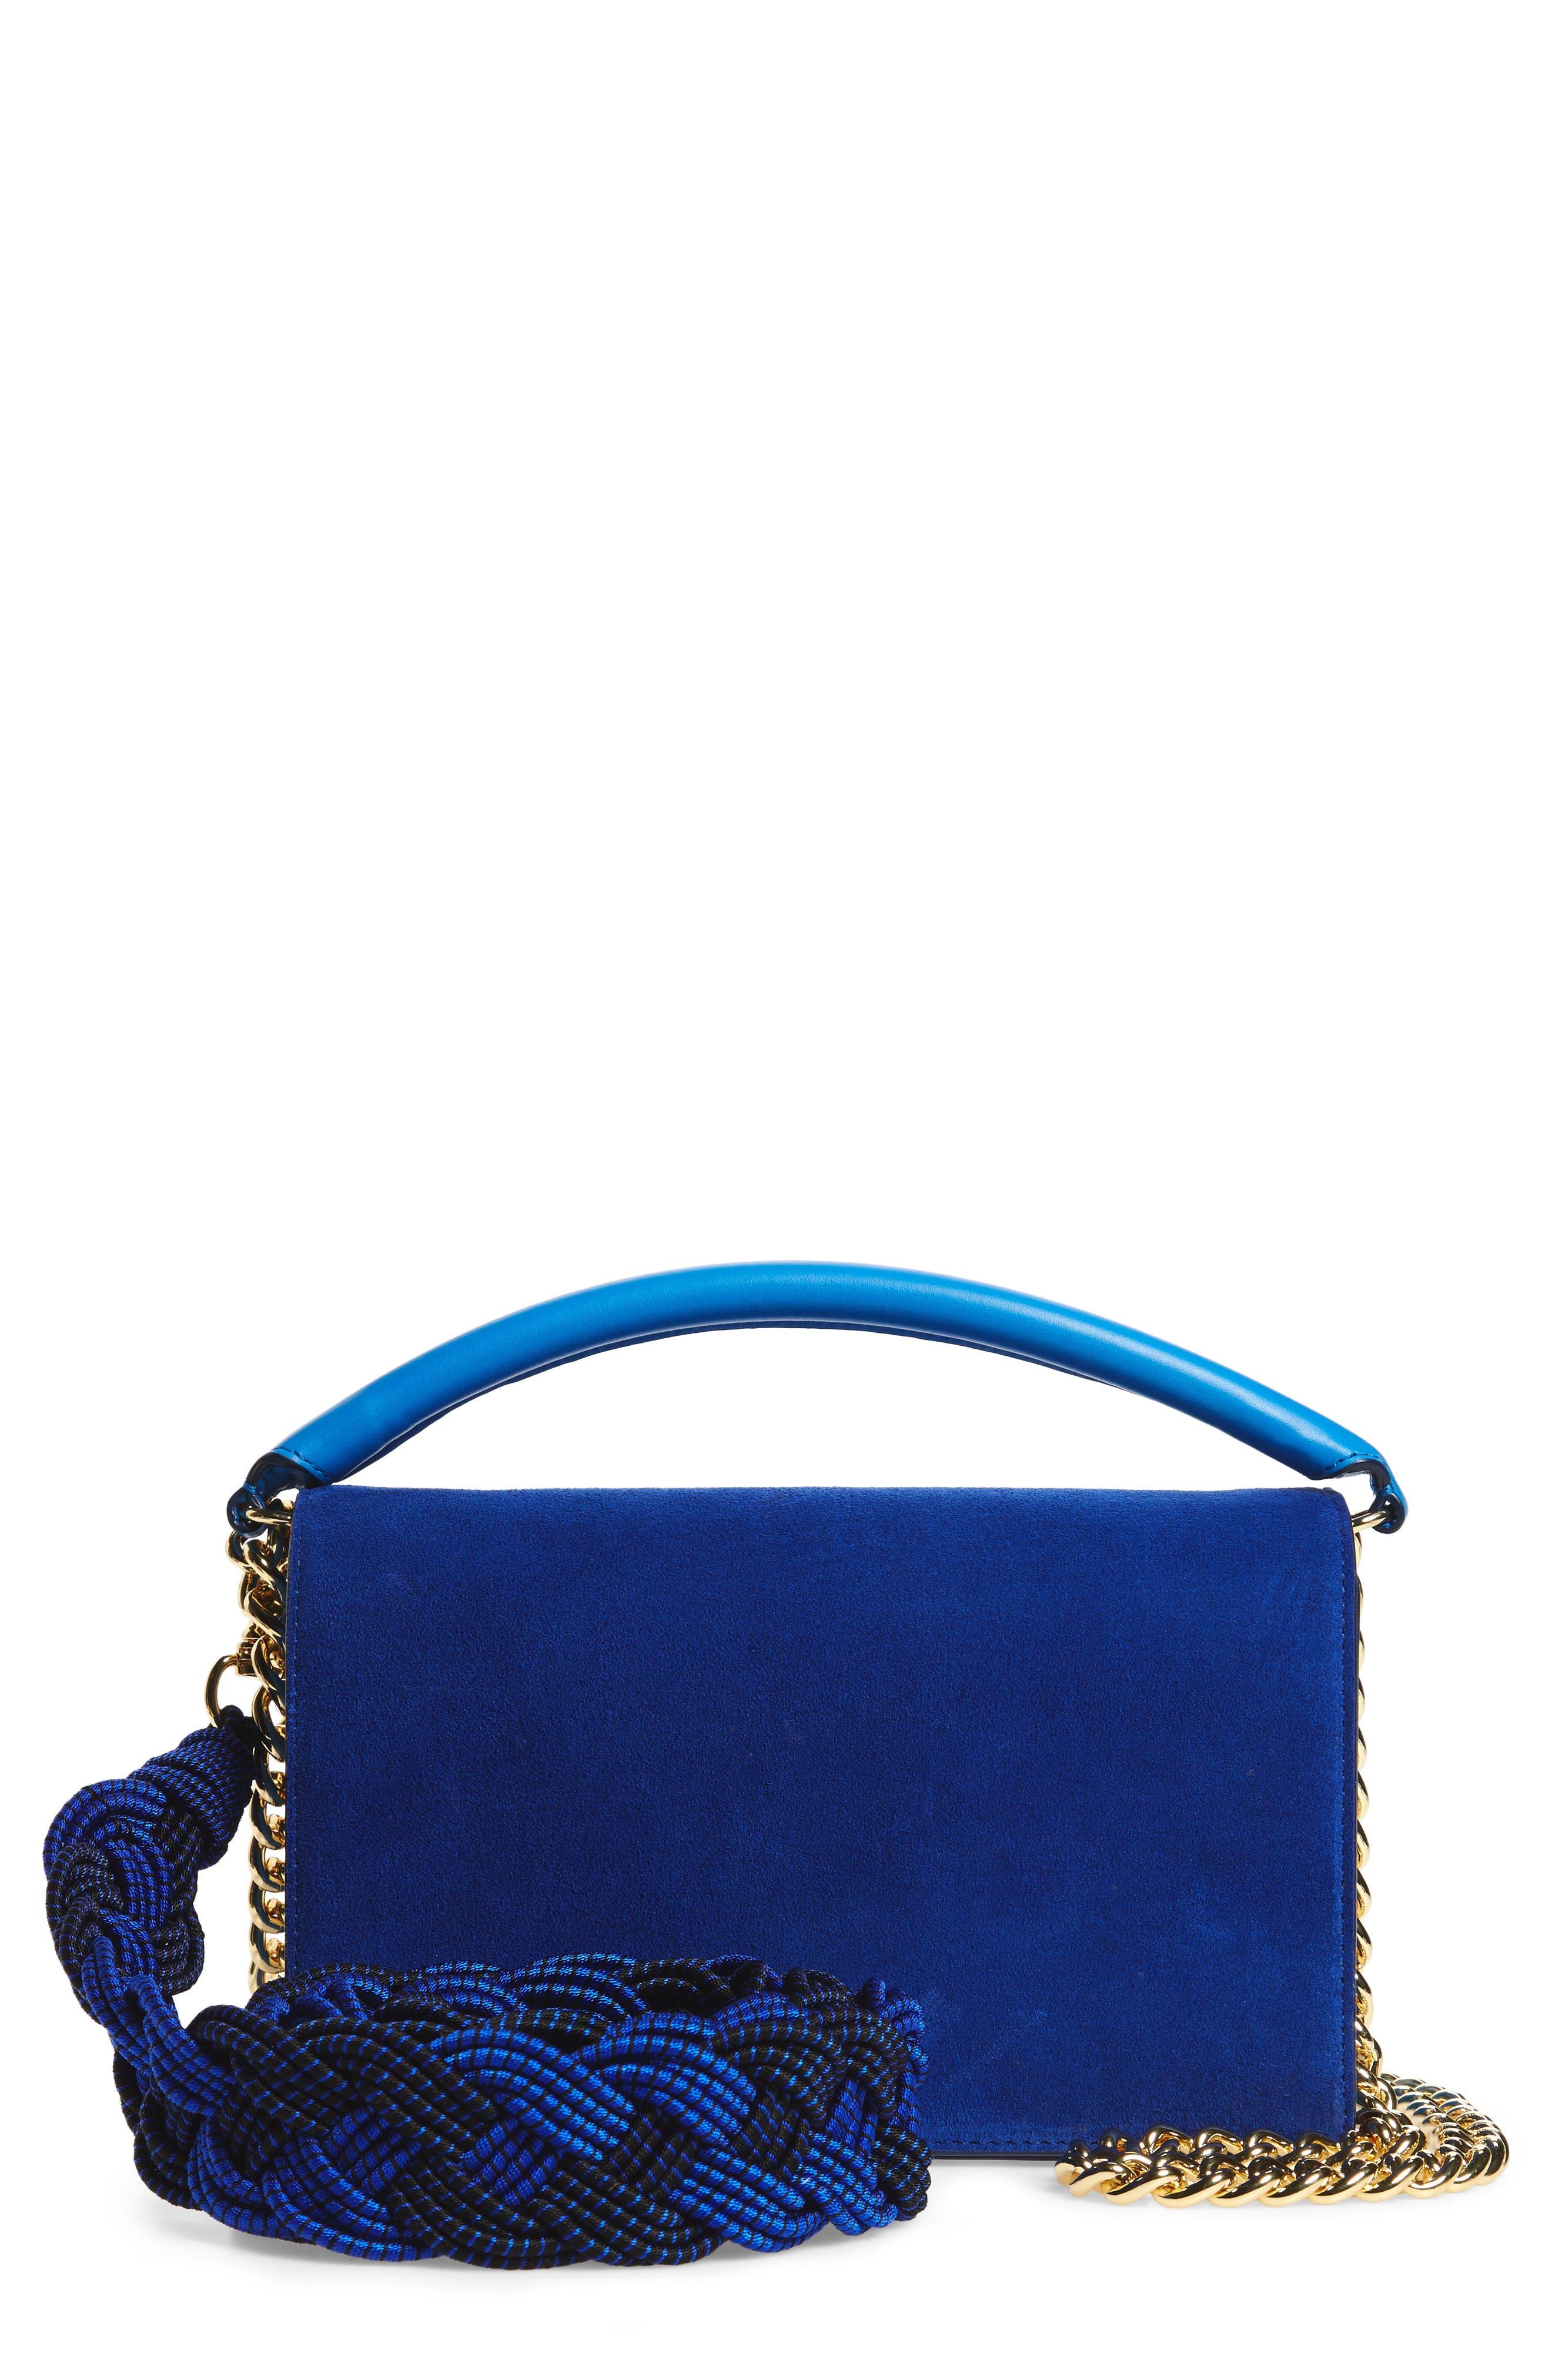 Bonne Soirée Leather & Suede Top Handle Bag,                             Main thumbnail 1, color,                             400